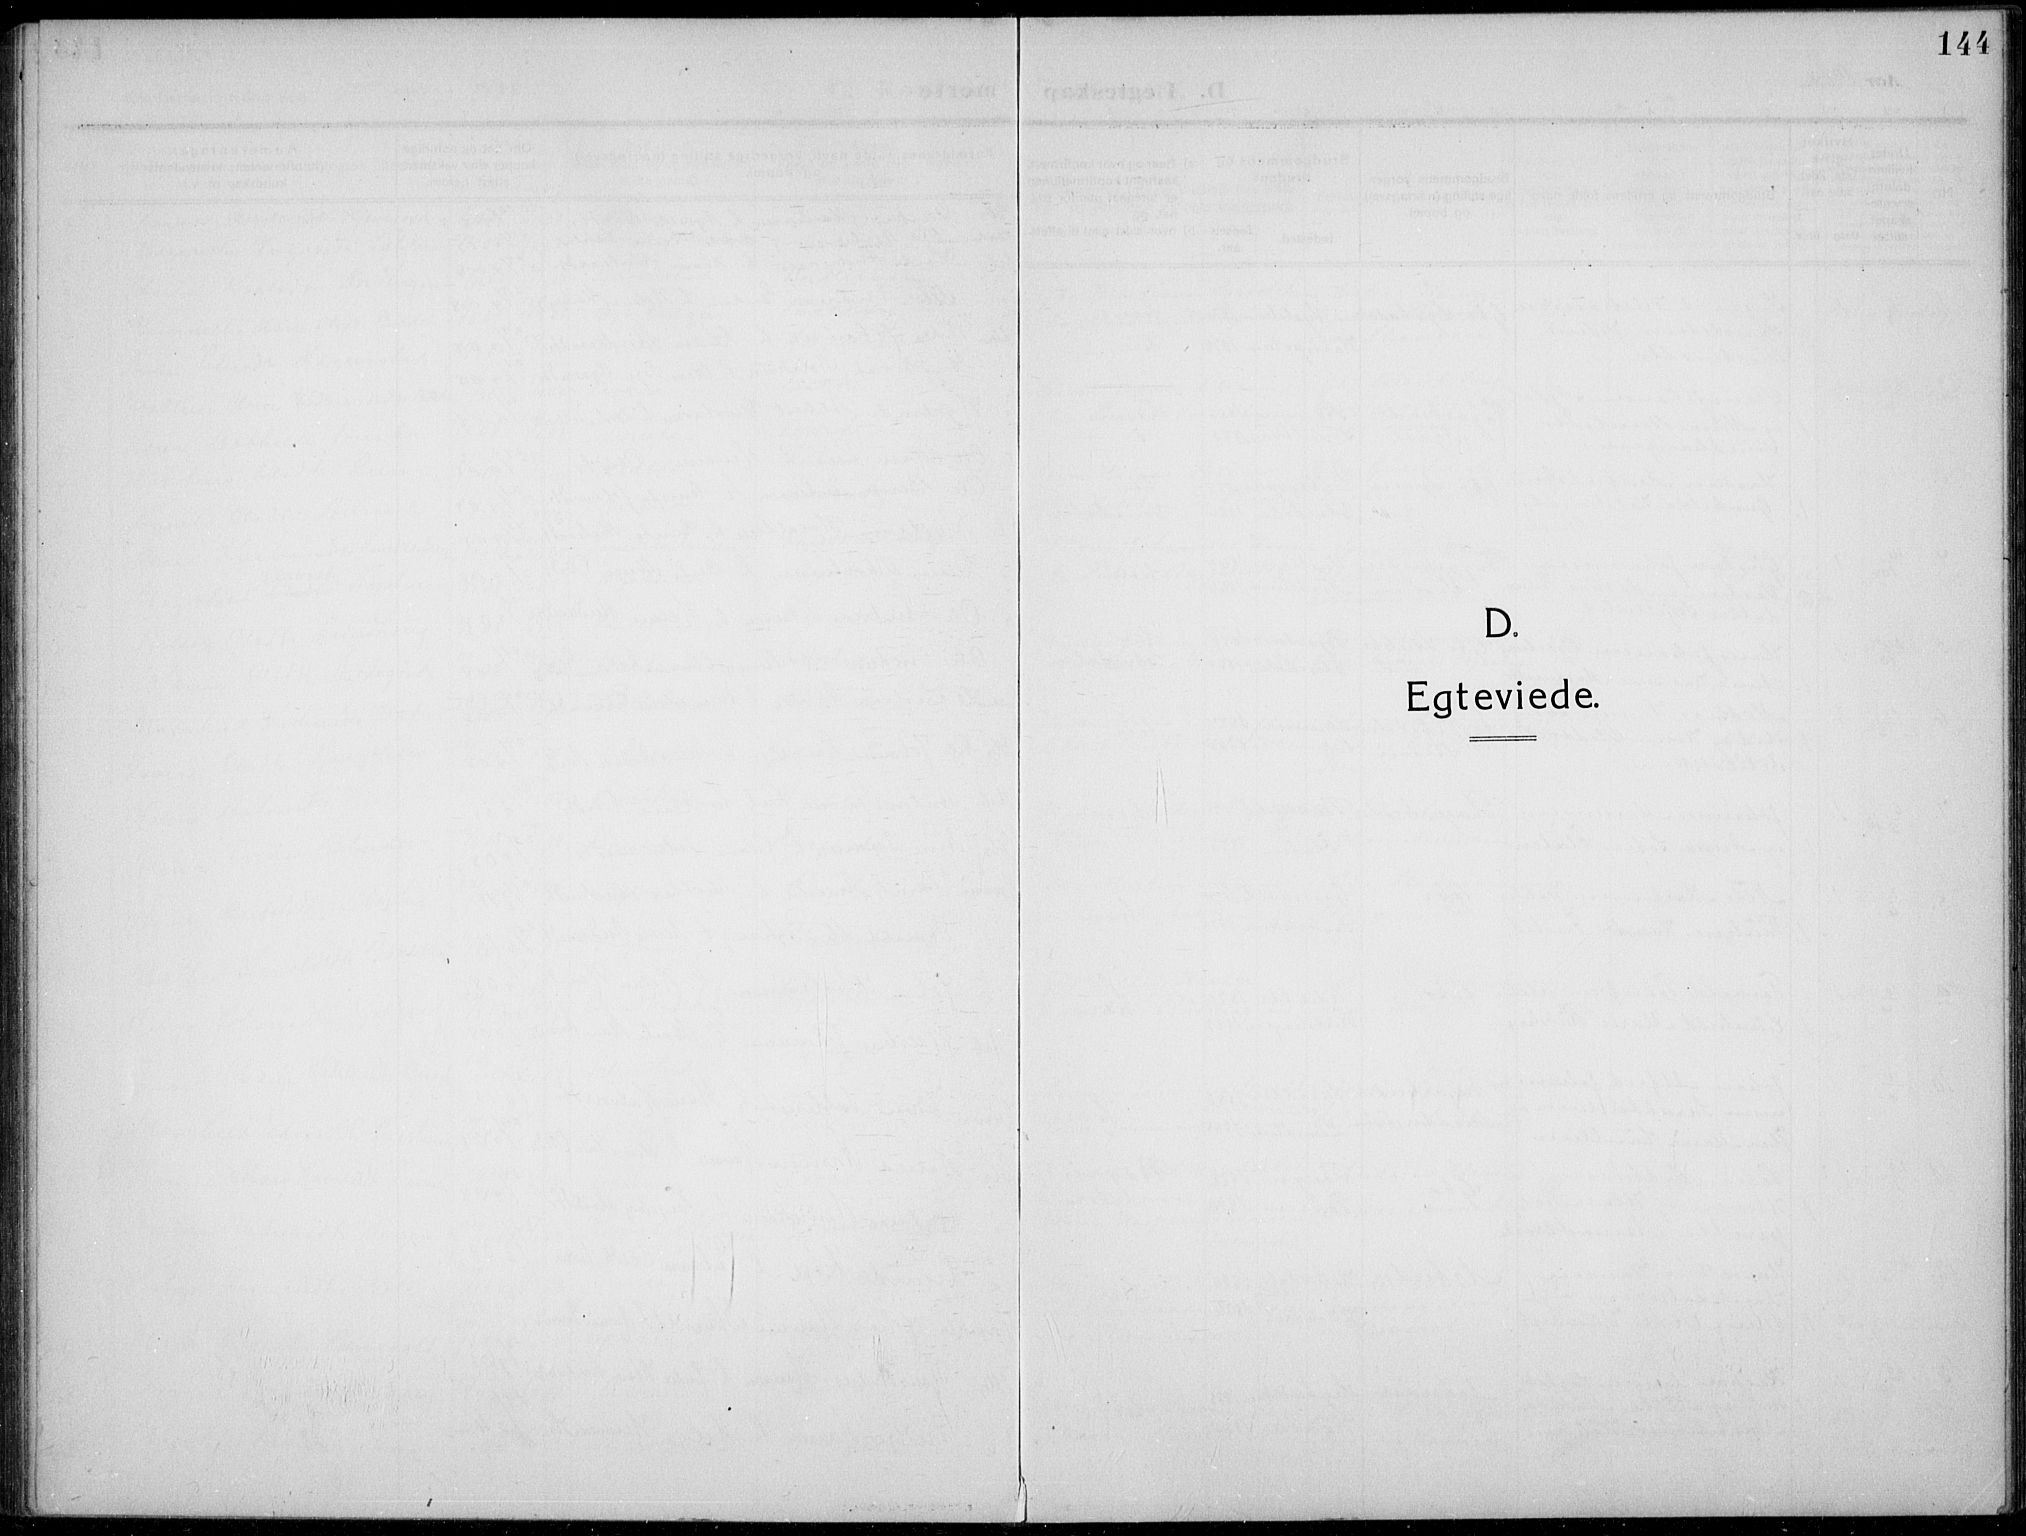 SAH, Nordre Land prestekontor, Klokkerbok nr. 2, 1909-1934, s. 144